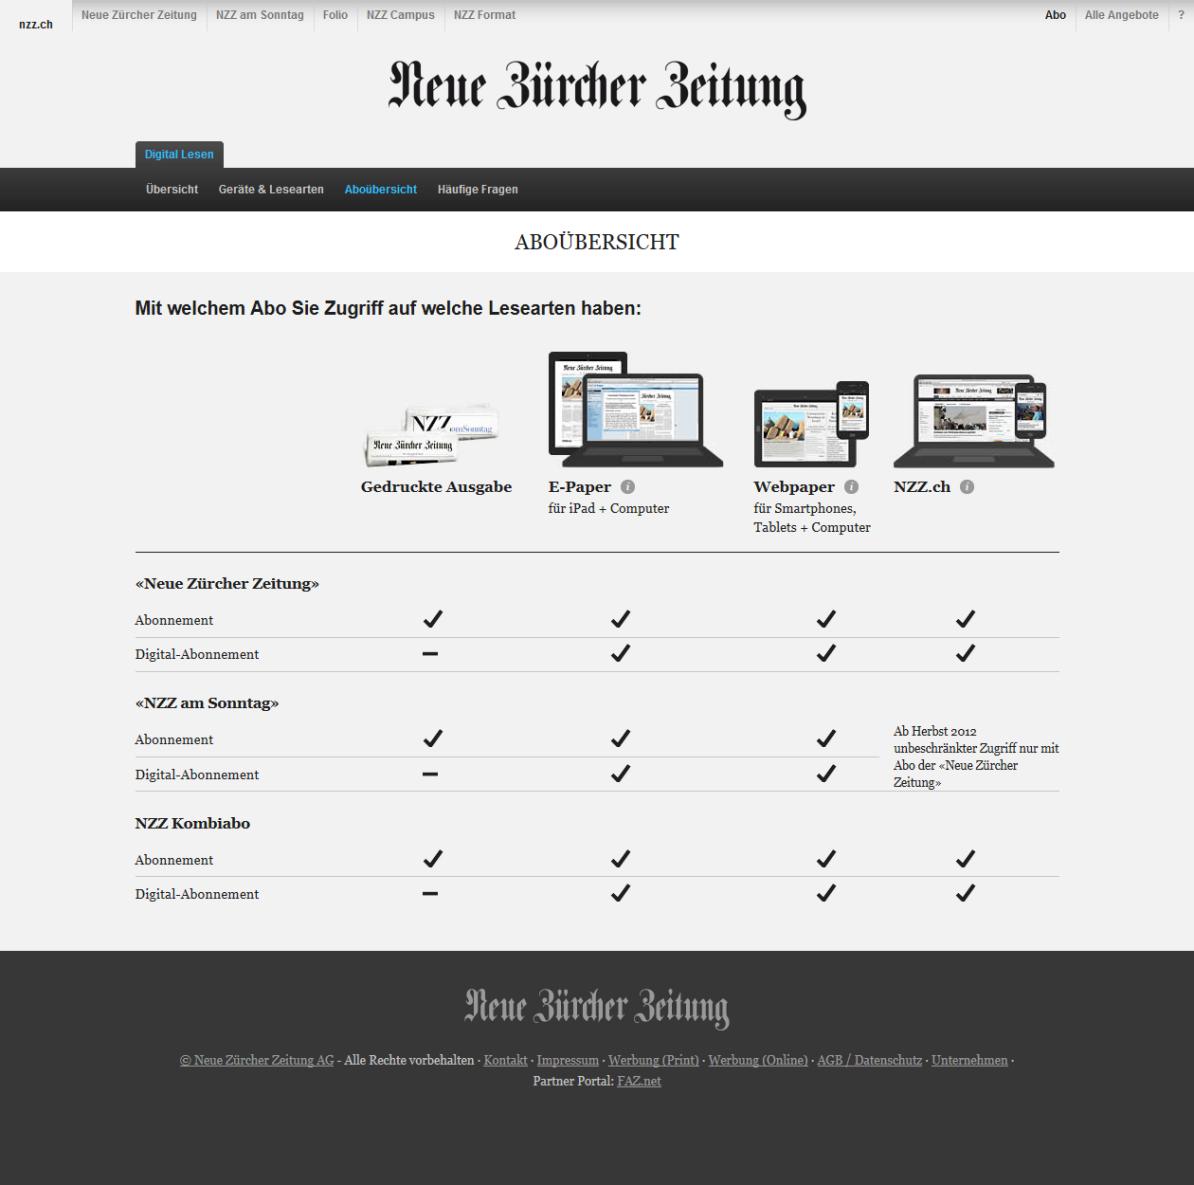 Aboübersicht zu Digital lesen bei der NZZ.